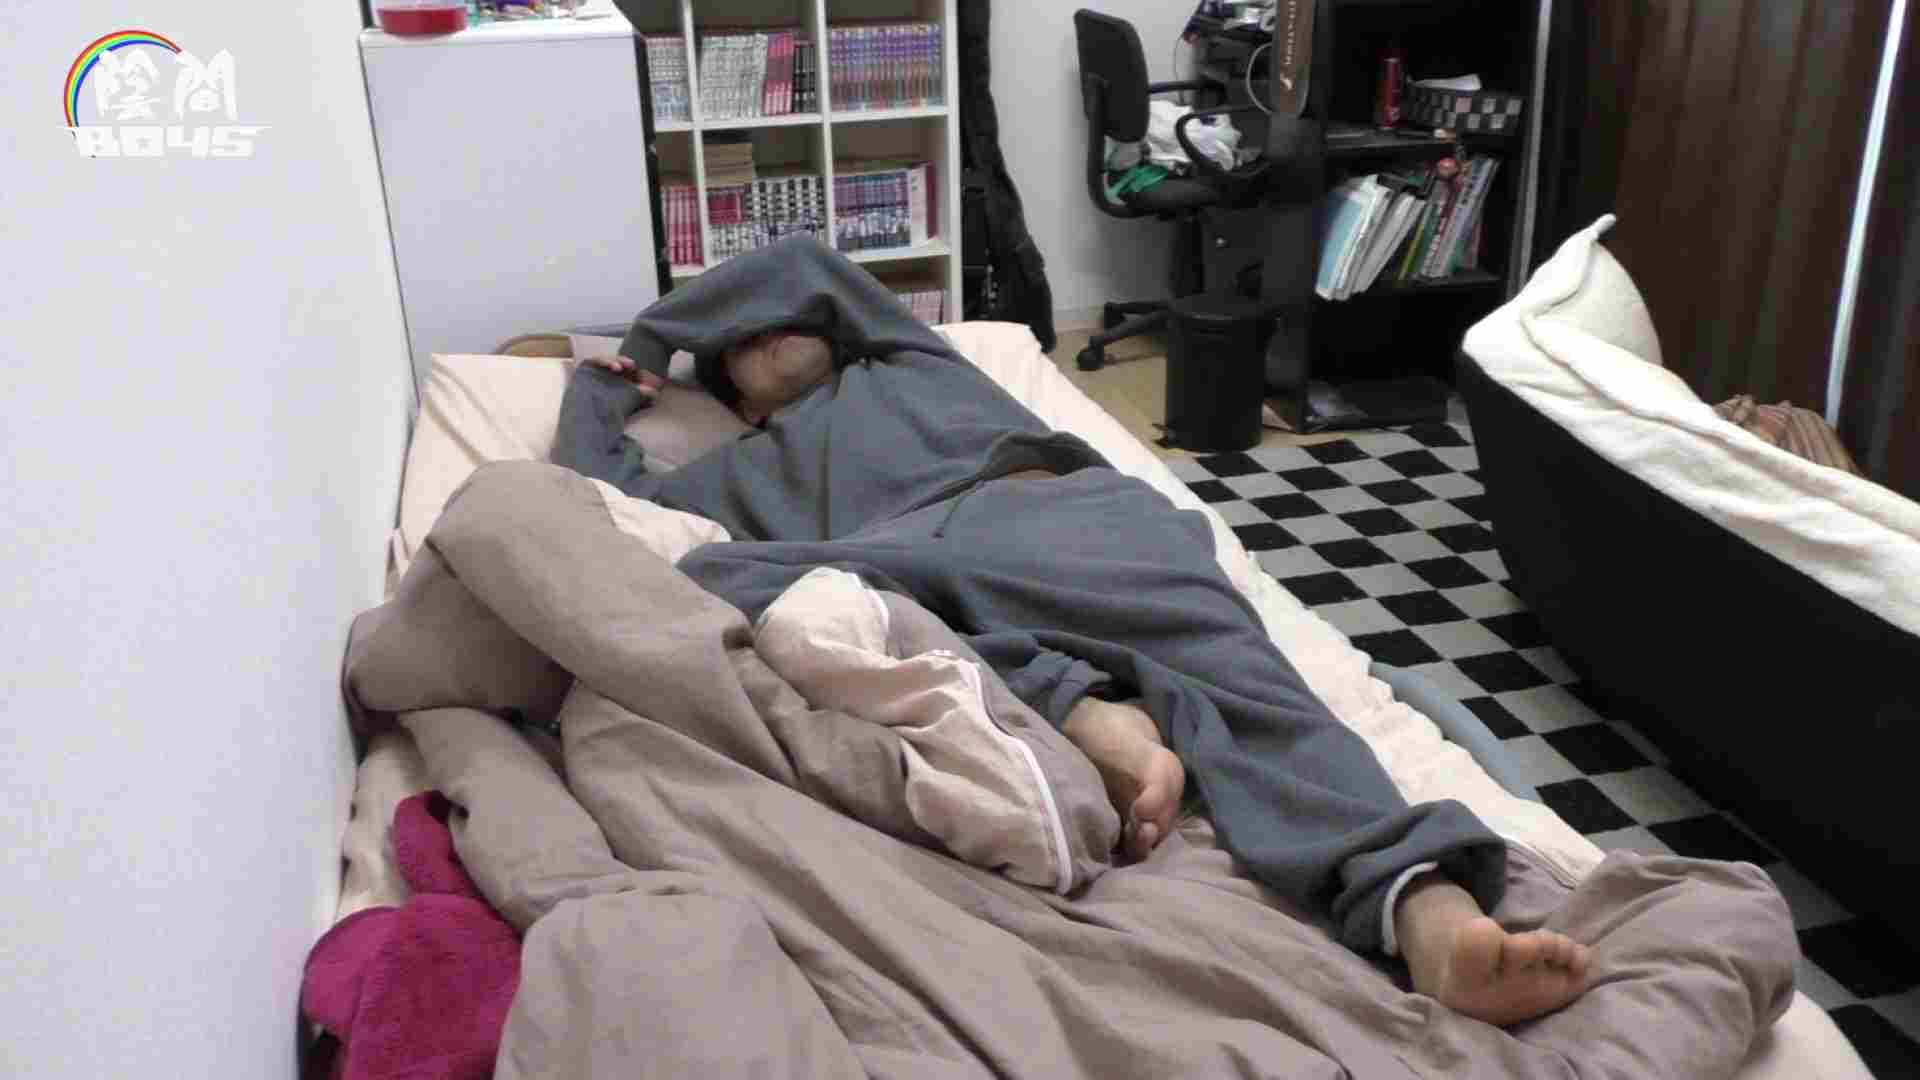 アナルは決して眠らない No.04 フェラ ゲイ素人エロ画像 86枚 1